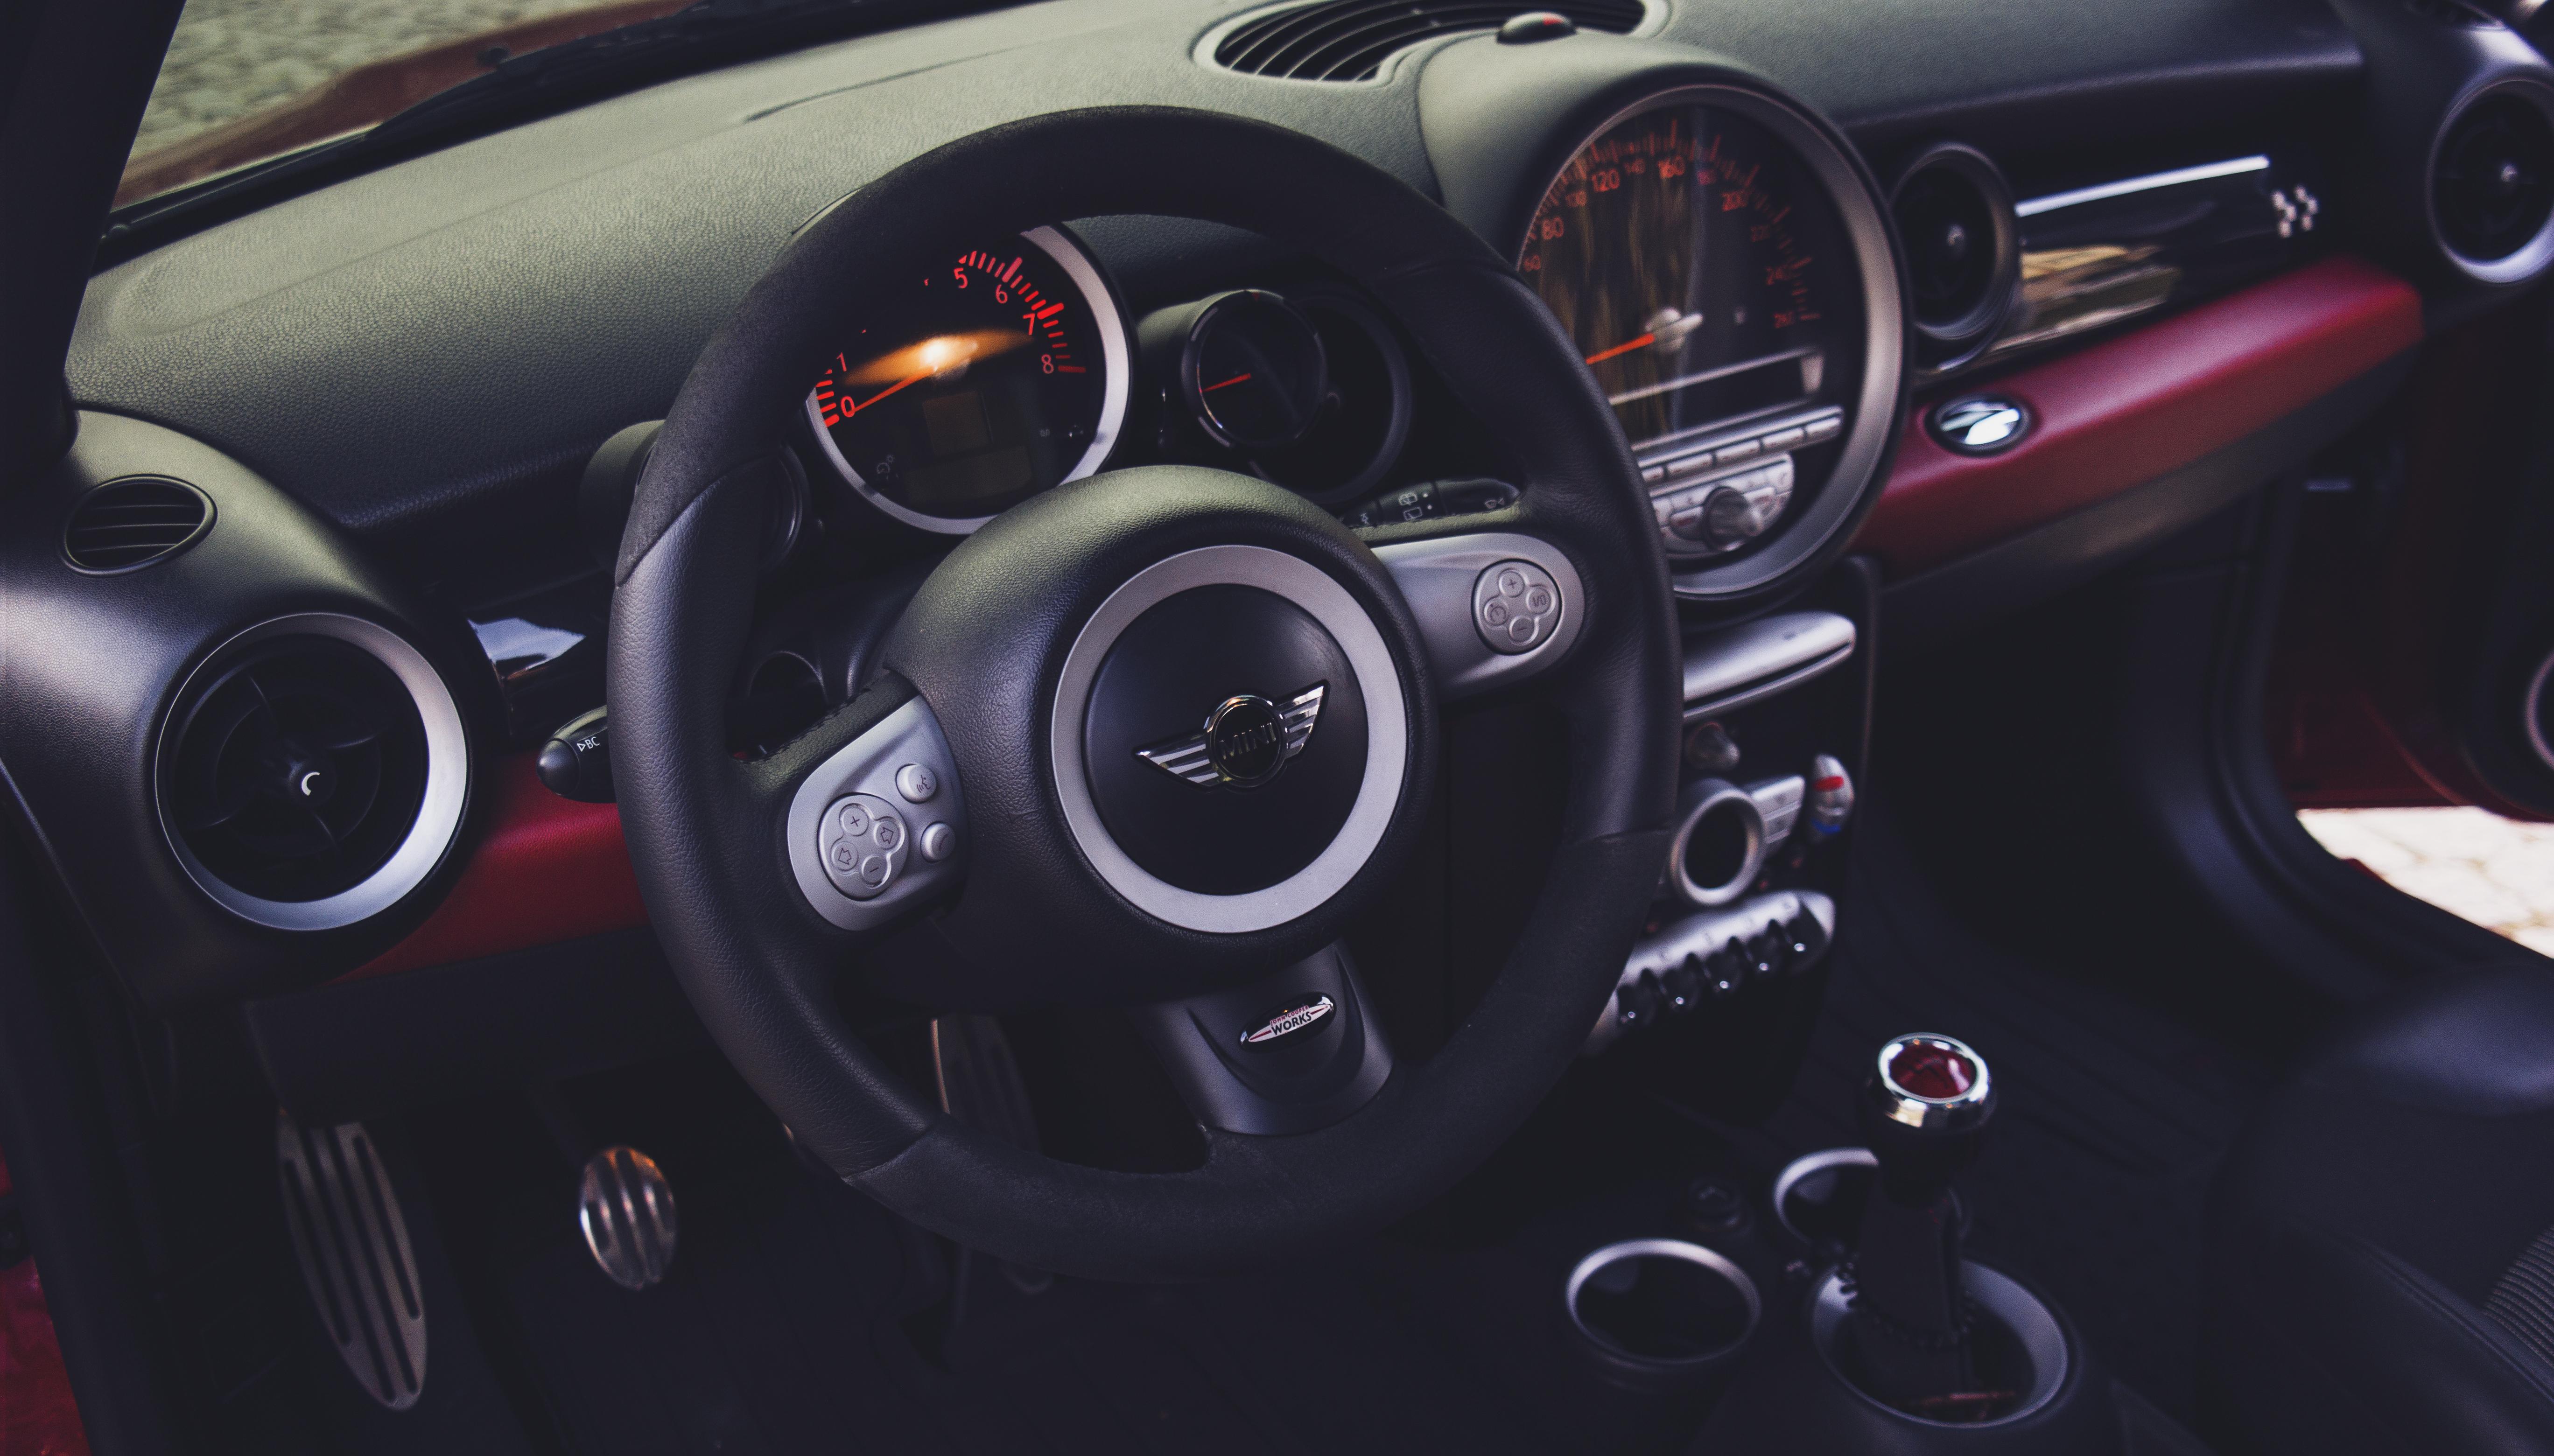 Free Images Steering Wheel Dashboard Speedometer Odometer Car